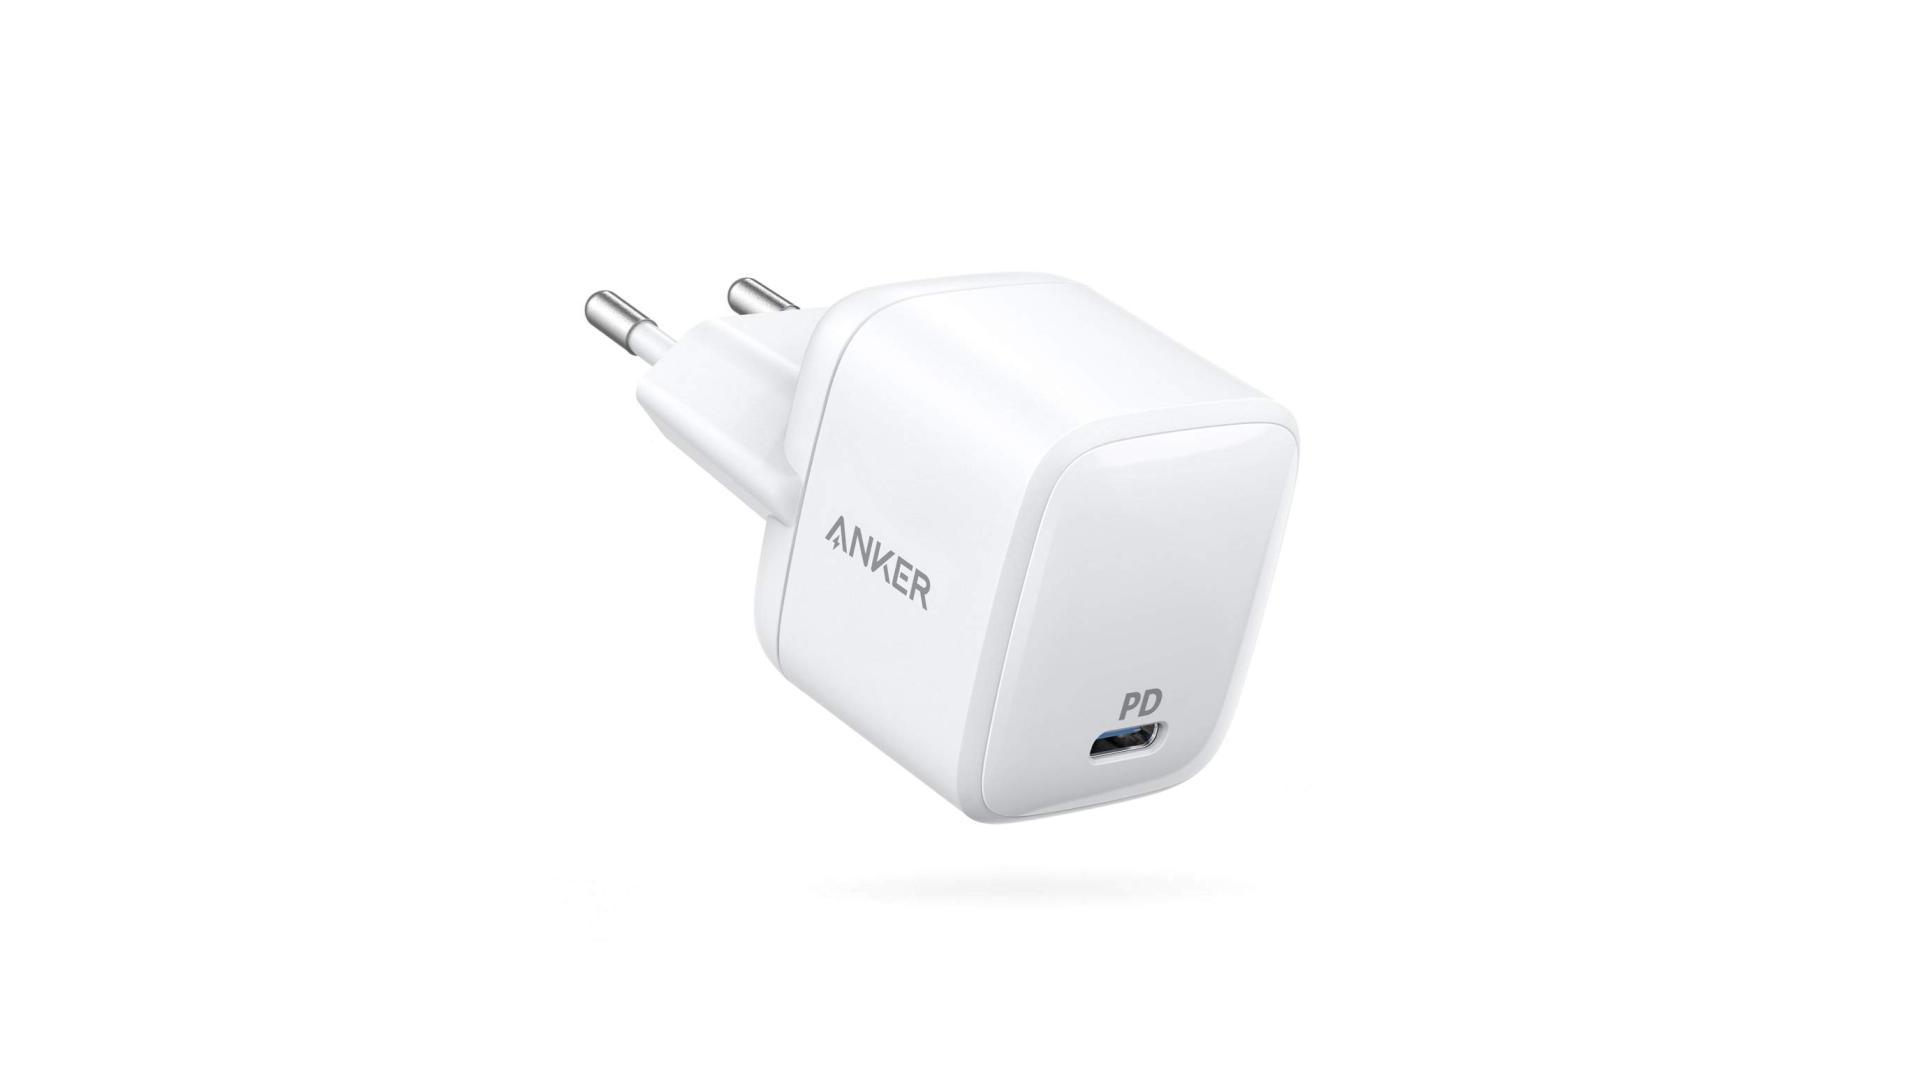 Le chargeur USB-C Anker PowerPort Atom PD 1 est disponible : puissant, rapide et très compact